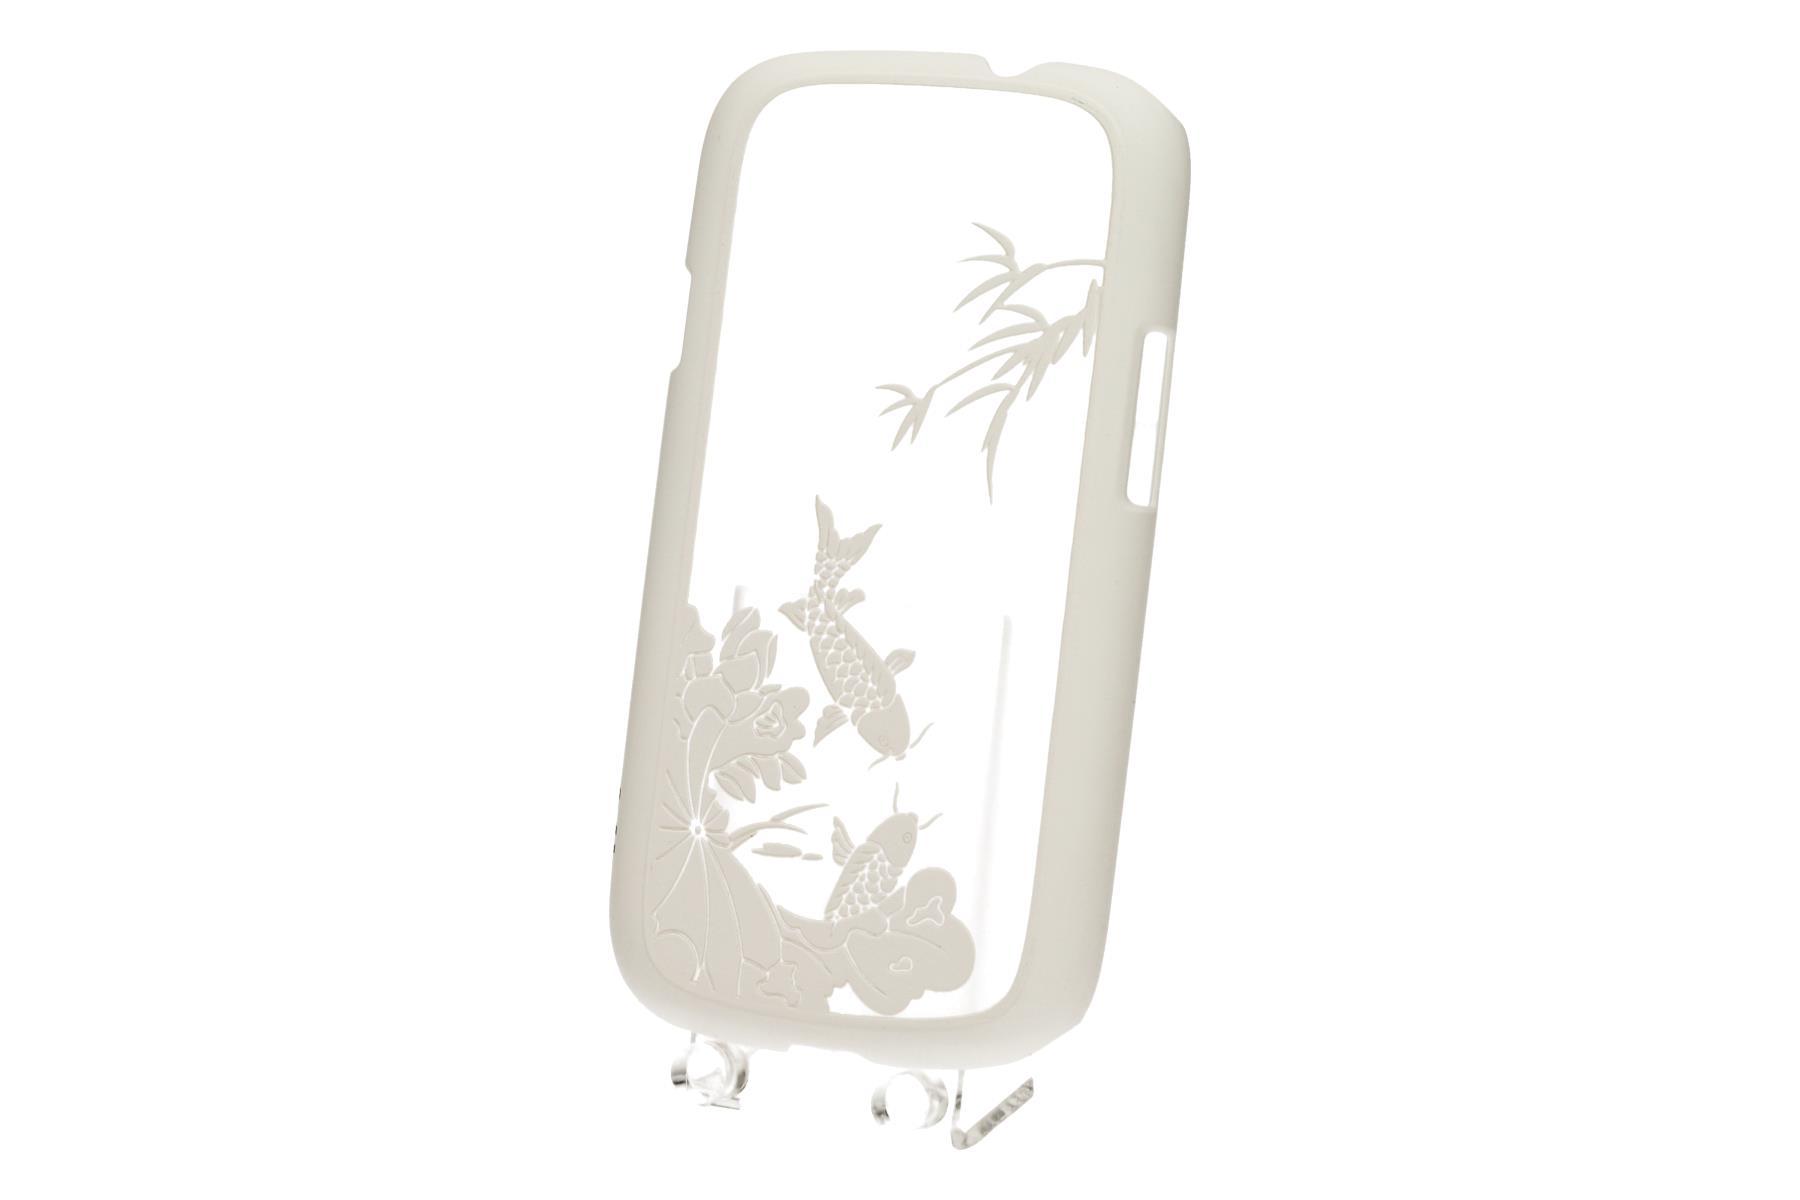 TB Touch pouzdro pro Samsung S3 white